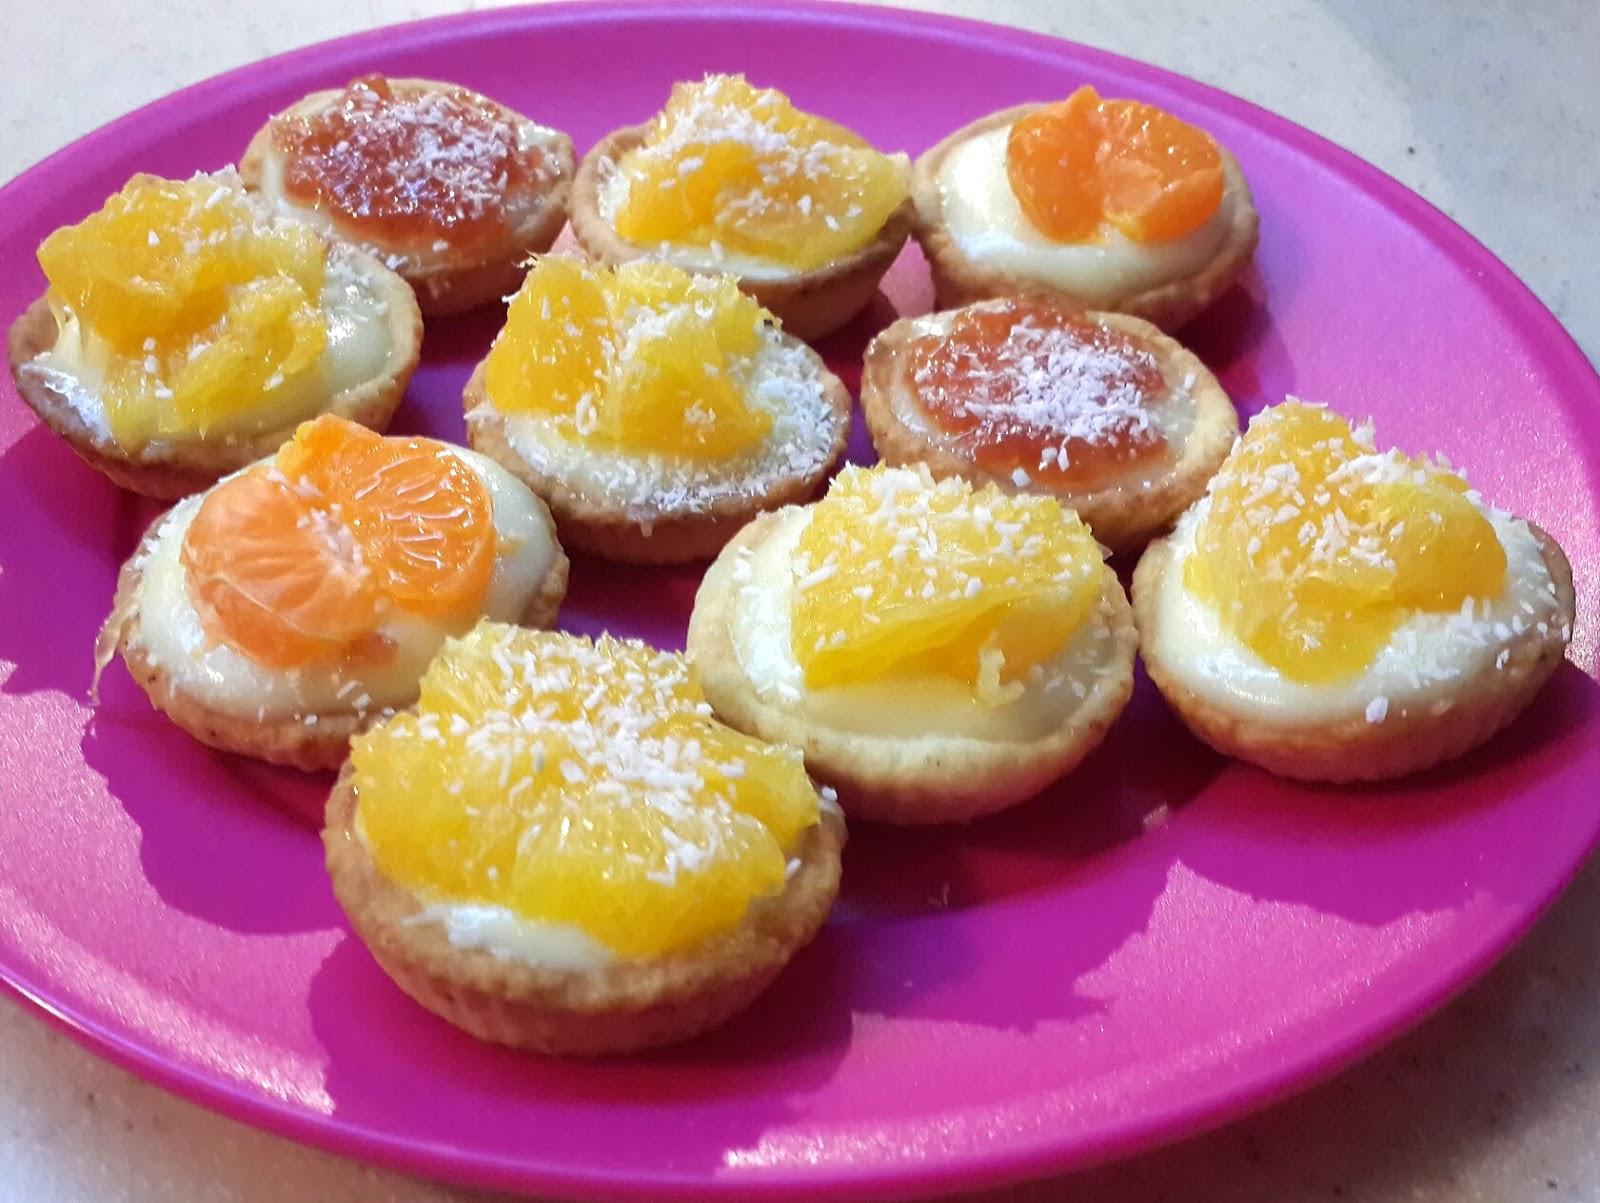 Portakallı Tartolet